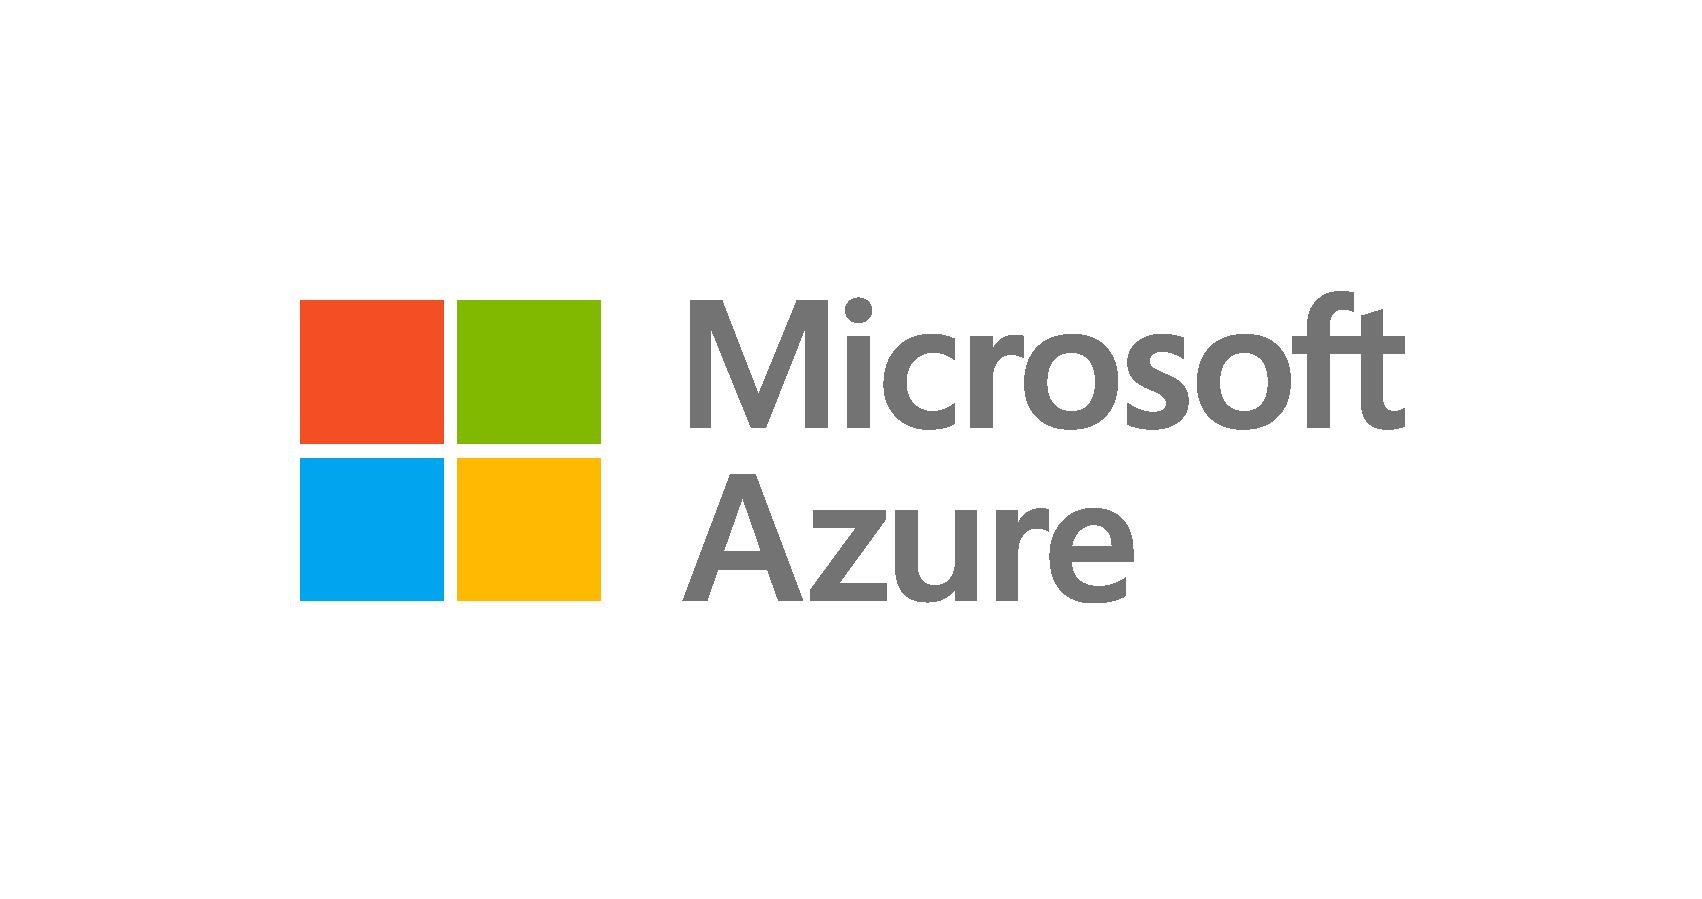 MS-Azure_logo_stacked_c-gray_rgb